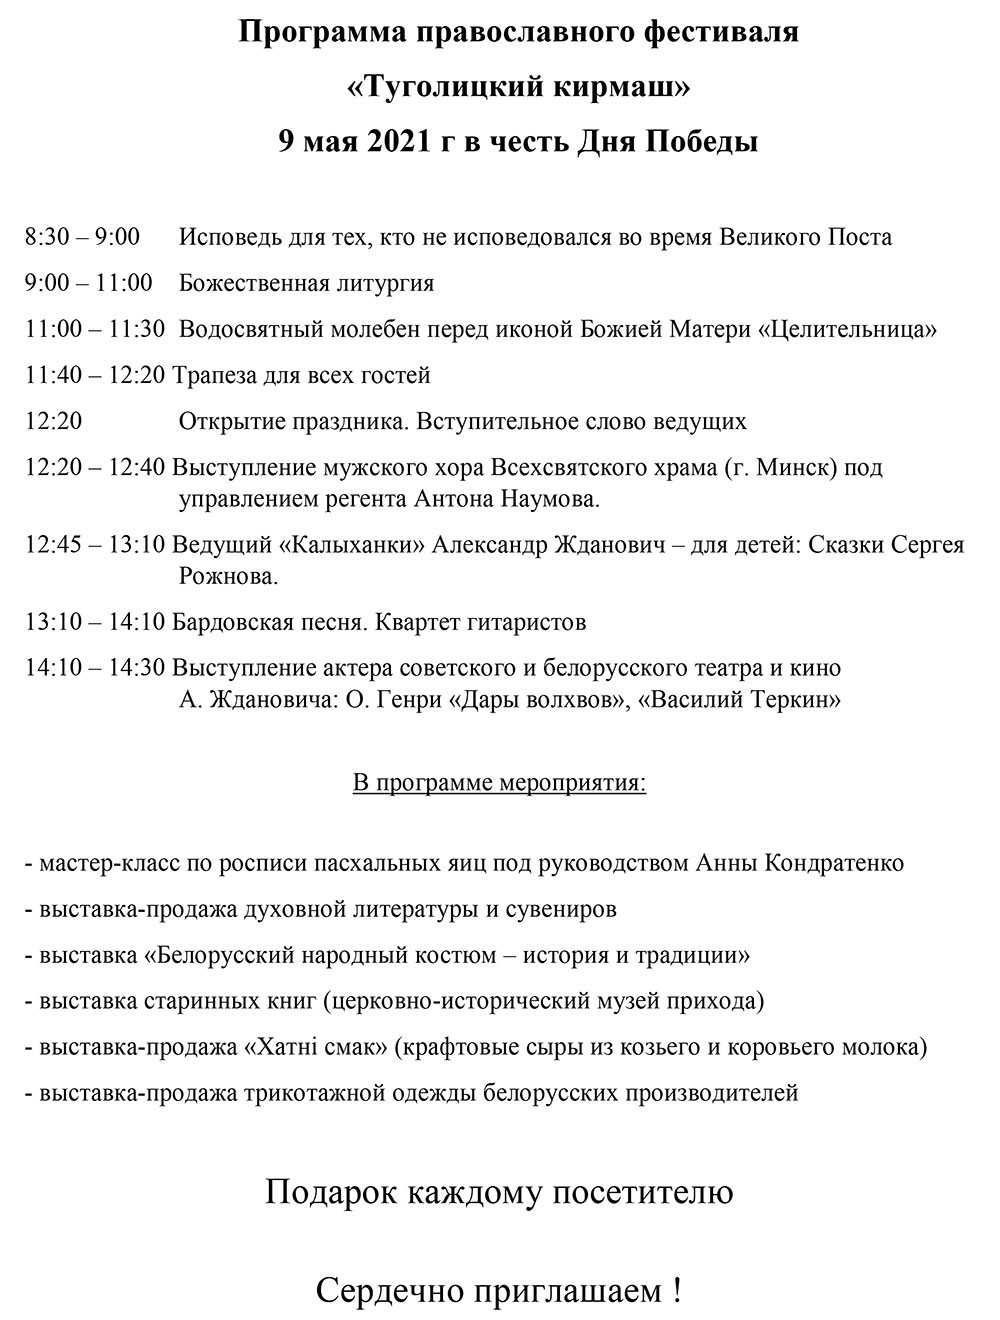 9 мая в Бобруйском районе состоится православный фестиваль «Туголицкий кирмаш»